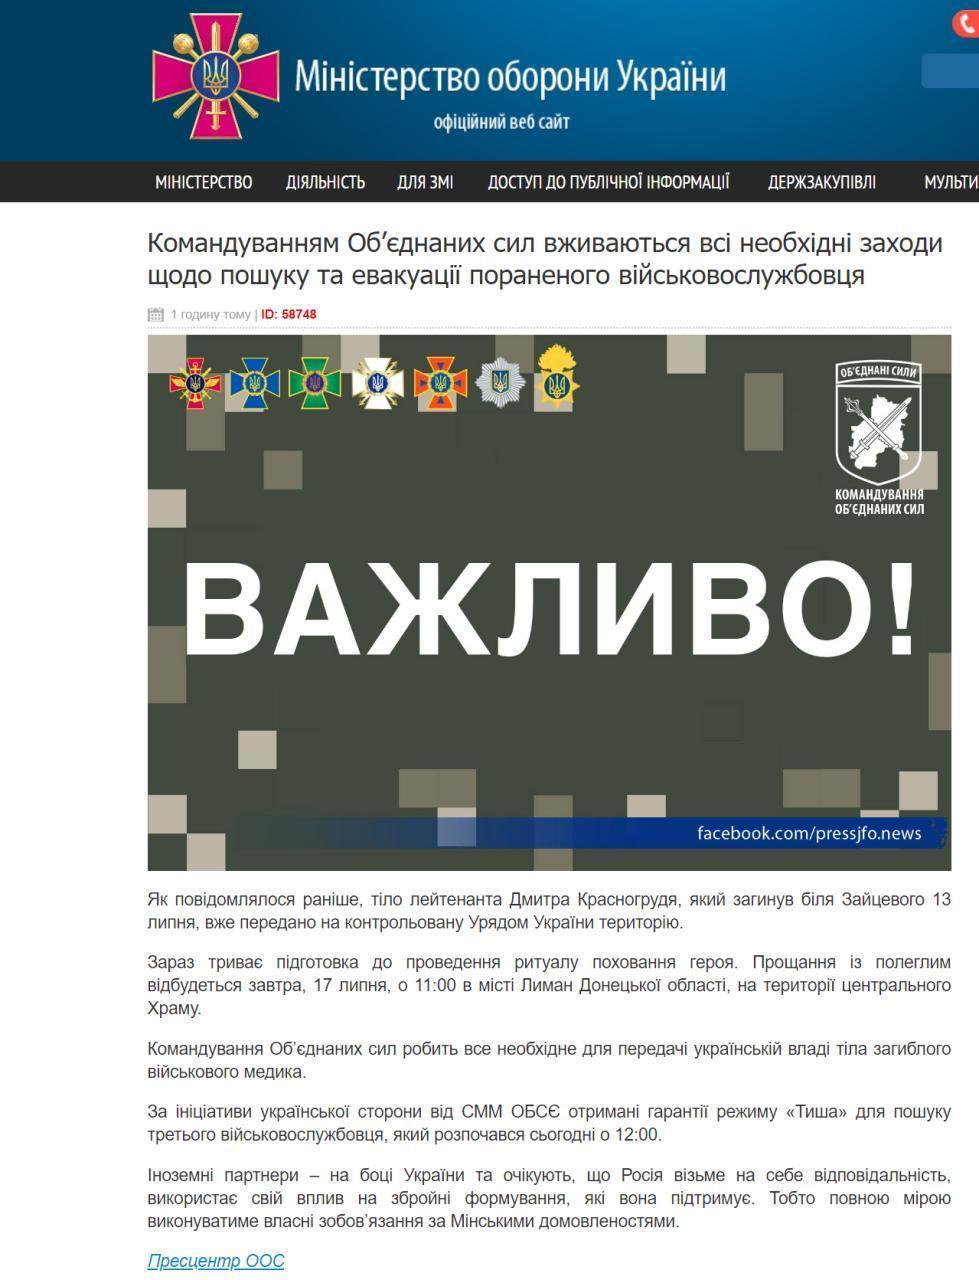 """""""Тишу"""" для евакуації пораненого під Зайцевим підтвердили ㅡ ООС"""